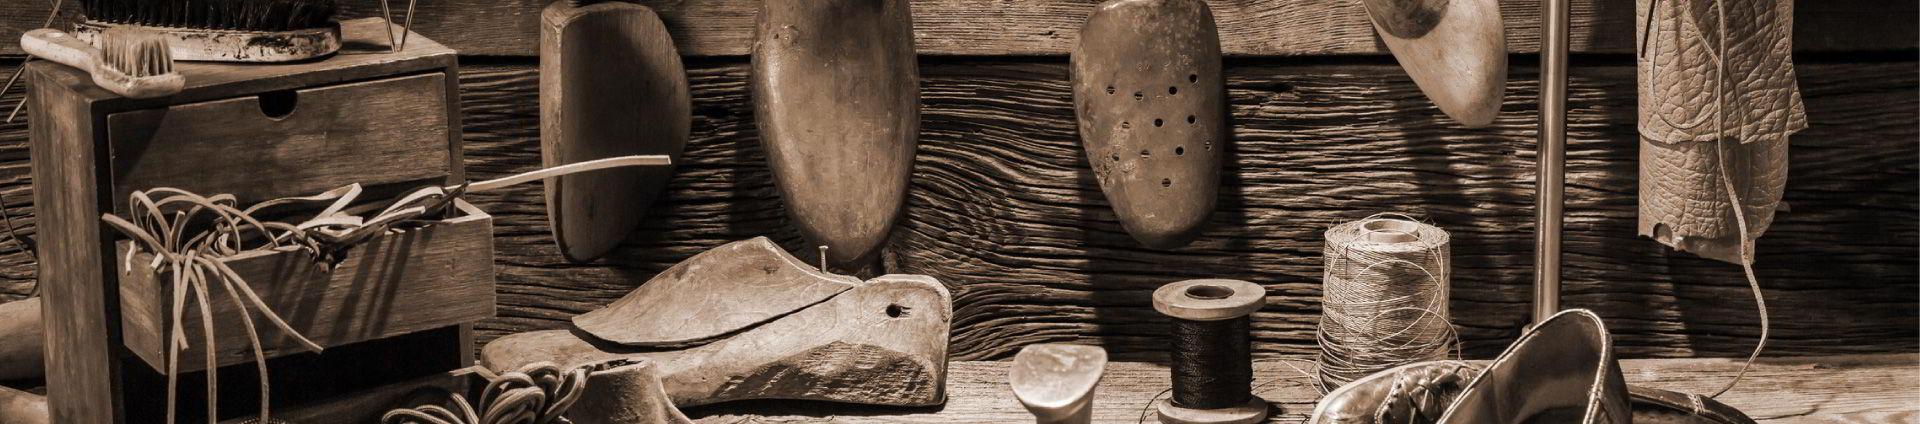 Taula amb eines de calçat